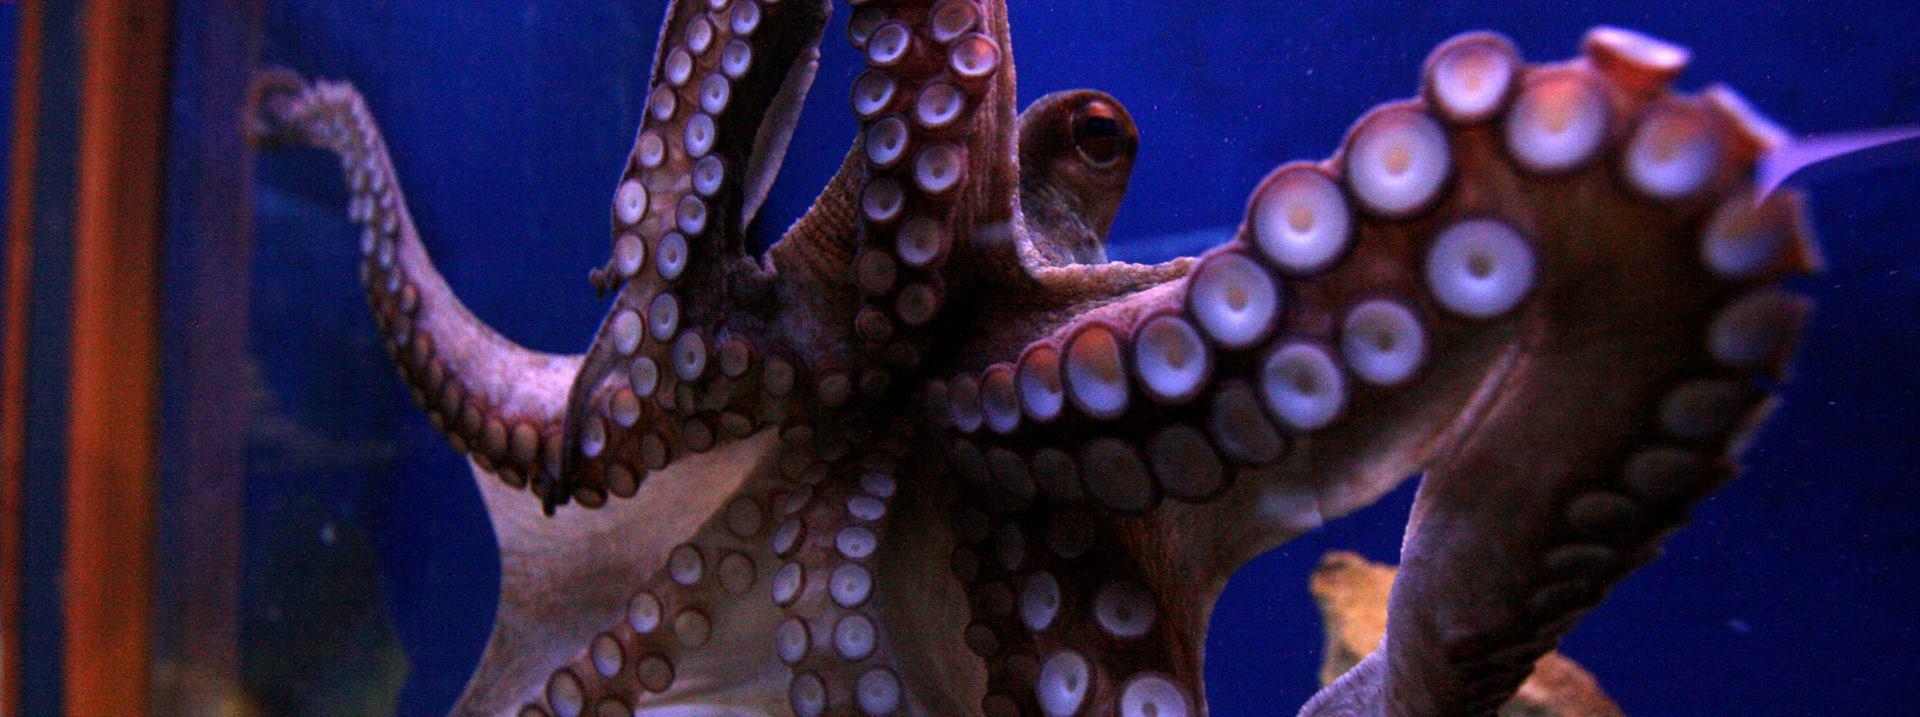 VIDEO: Velika pacifička prugasta hobotnica i njezin način lova